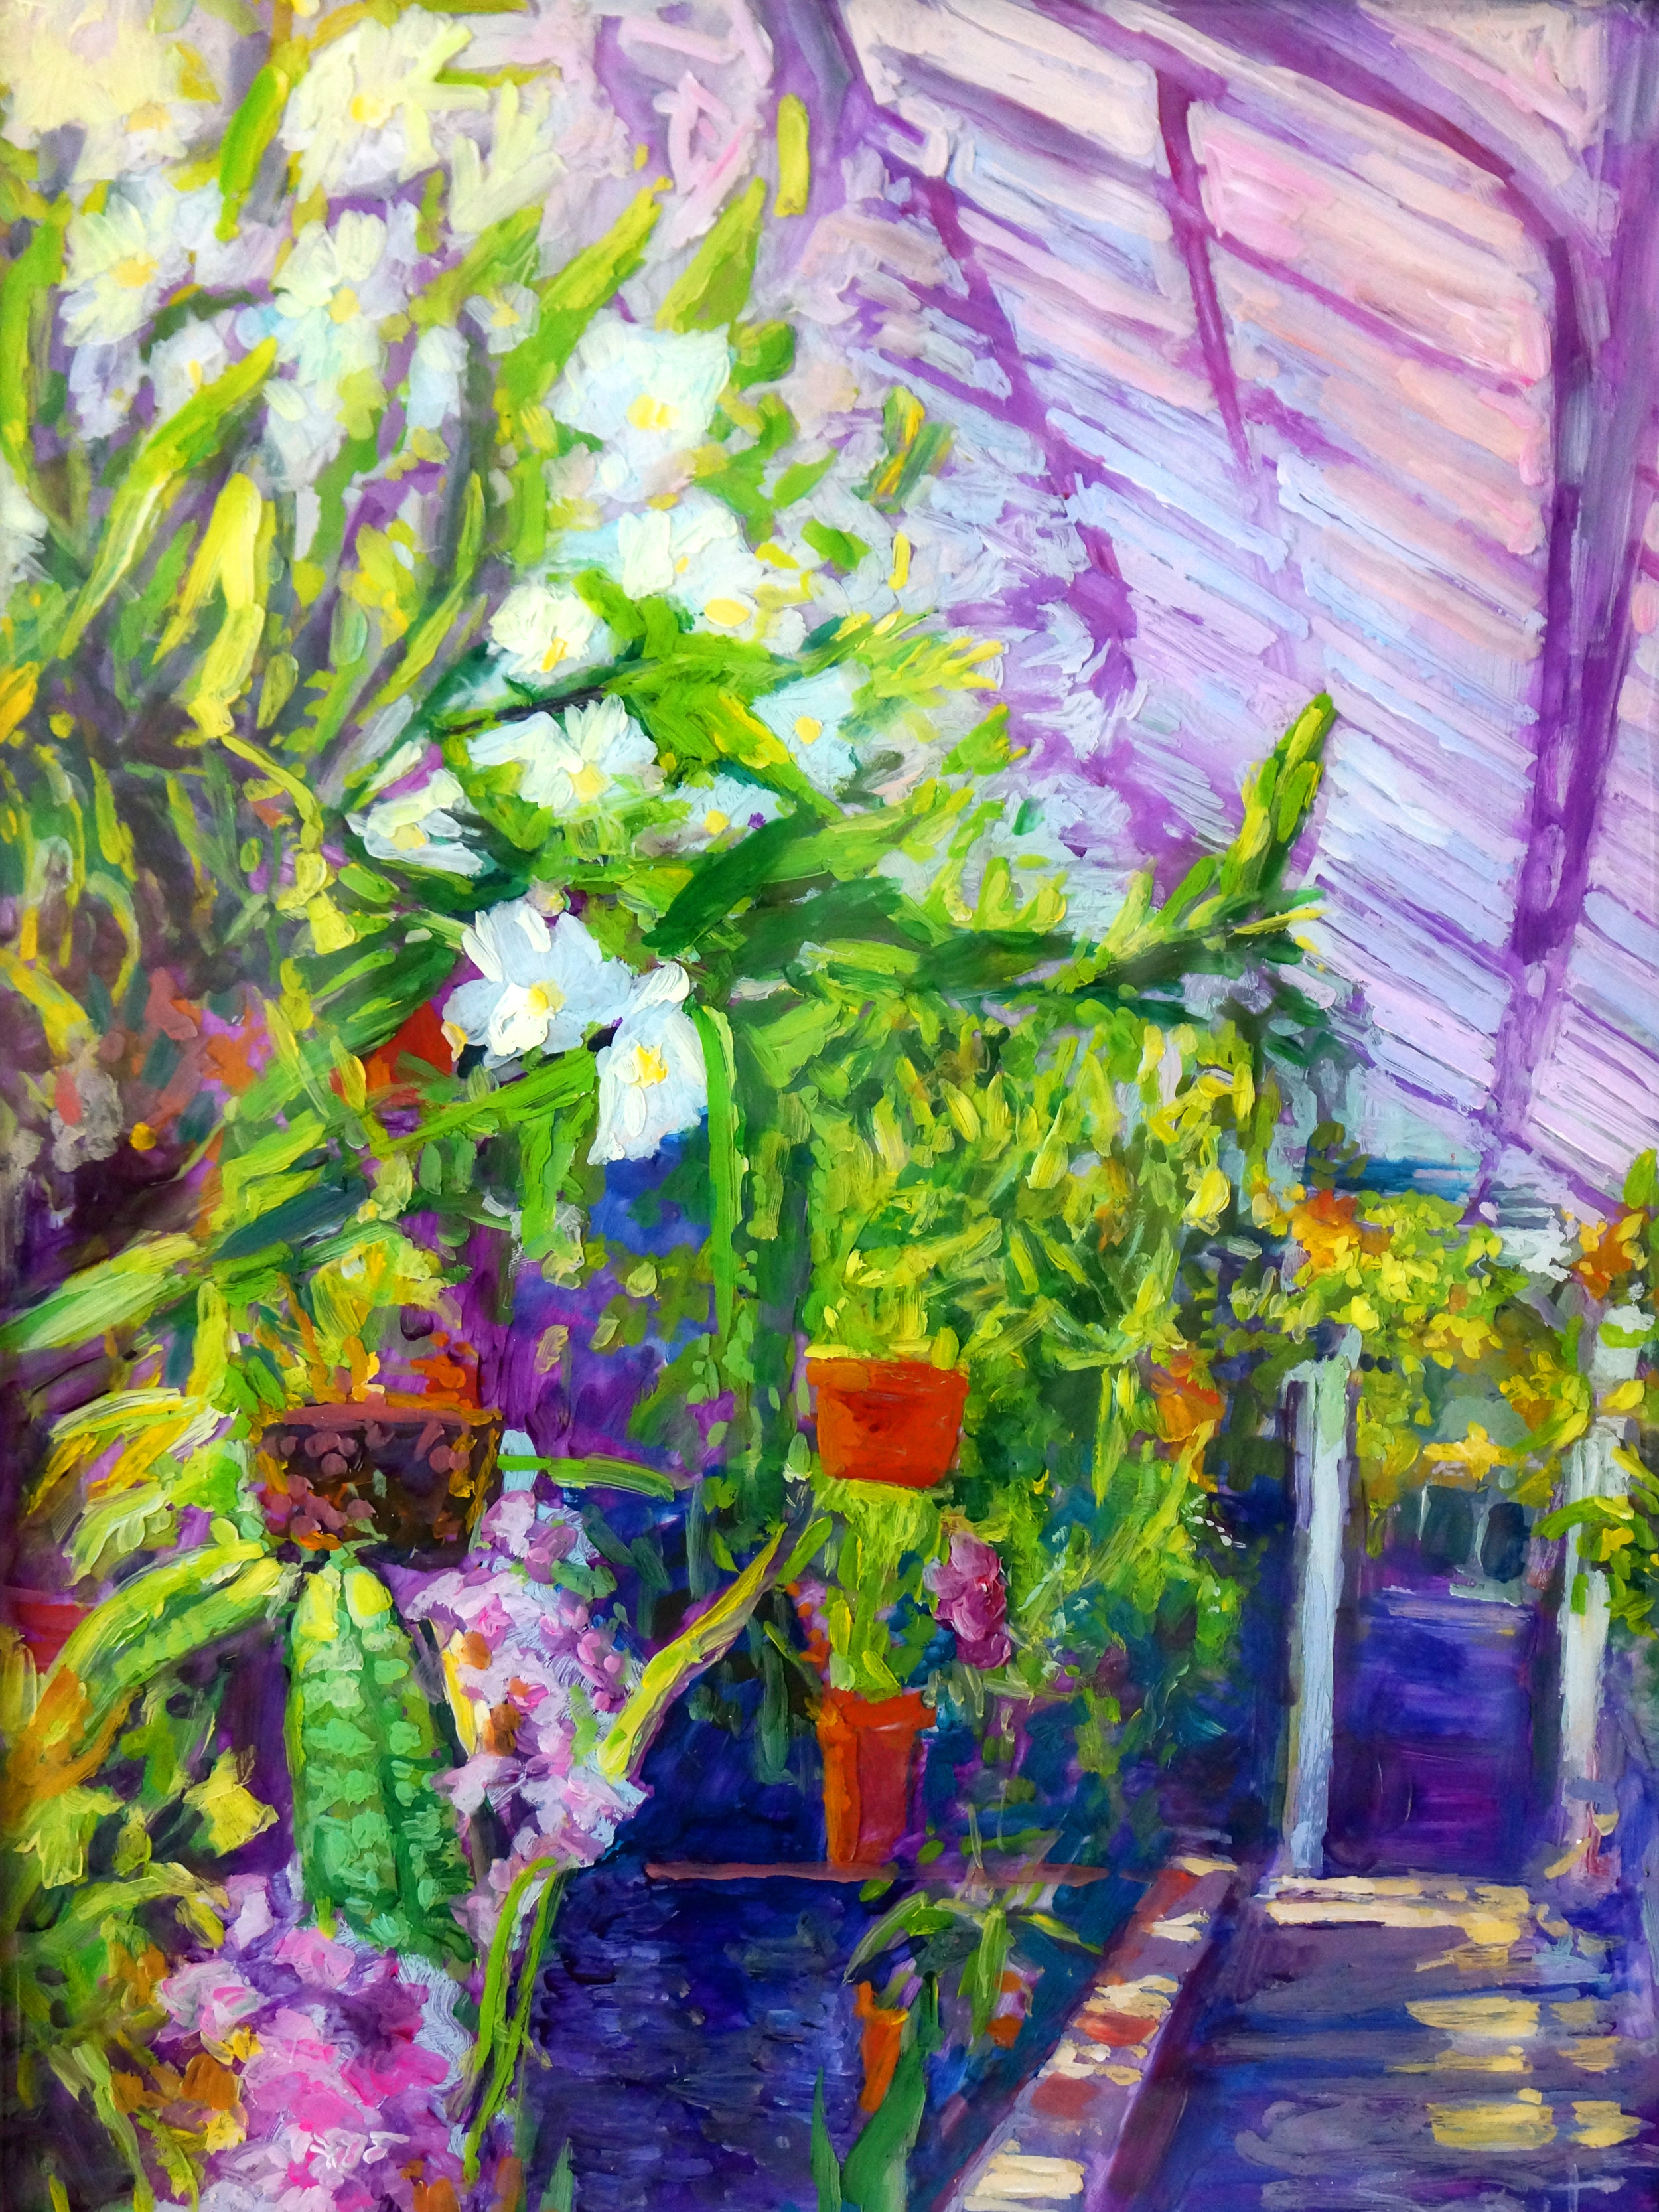 greenhouse 2 12 x 16.jpg